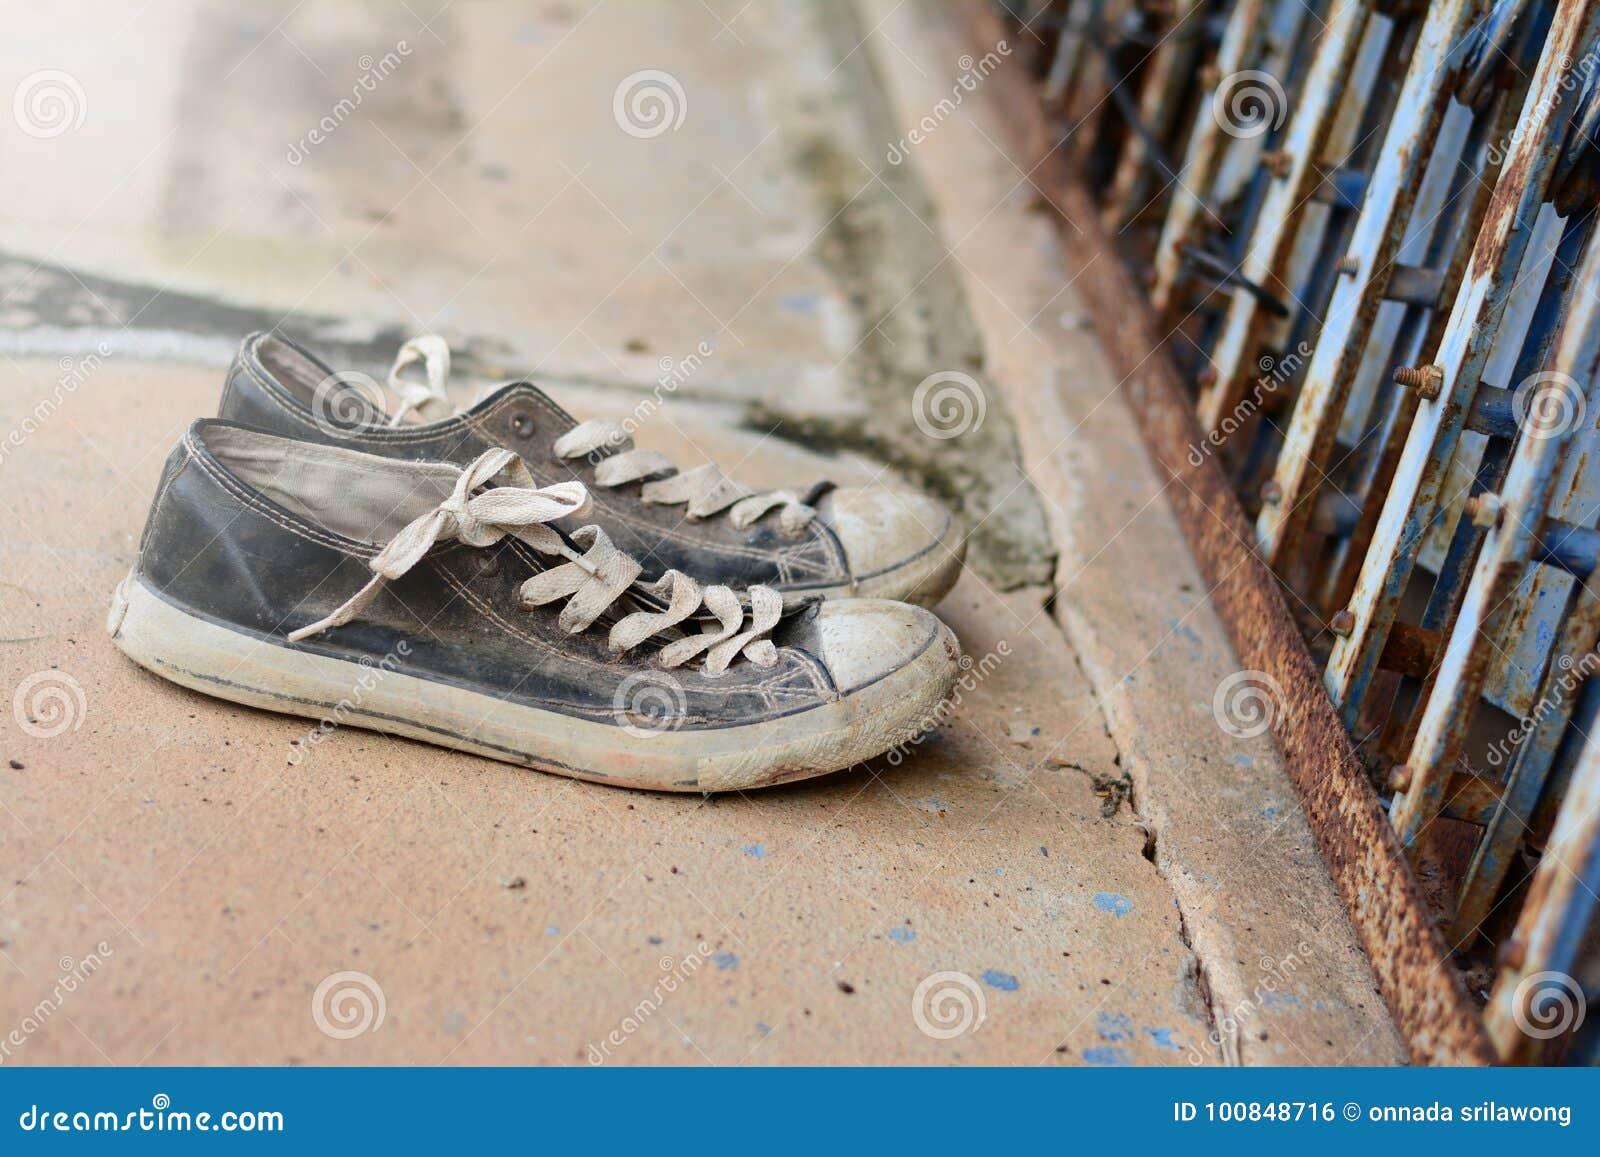 Die Alten Schuhe Vor Dem Metall Schneiden Tur Und Schmutzige Cemen